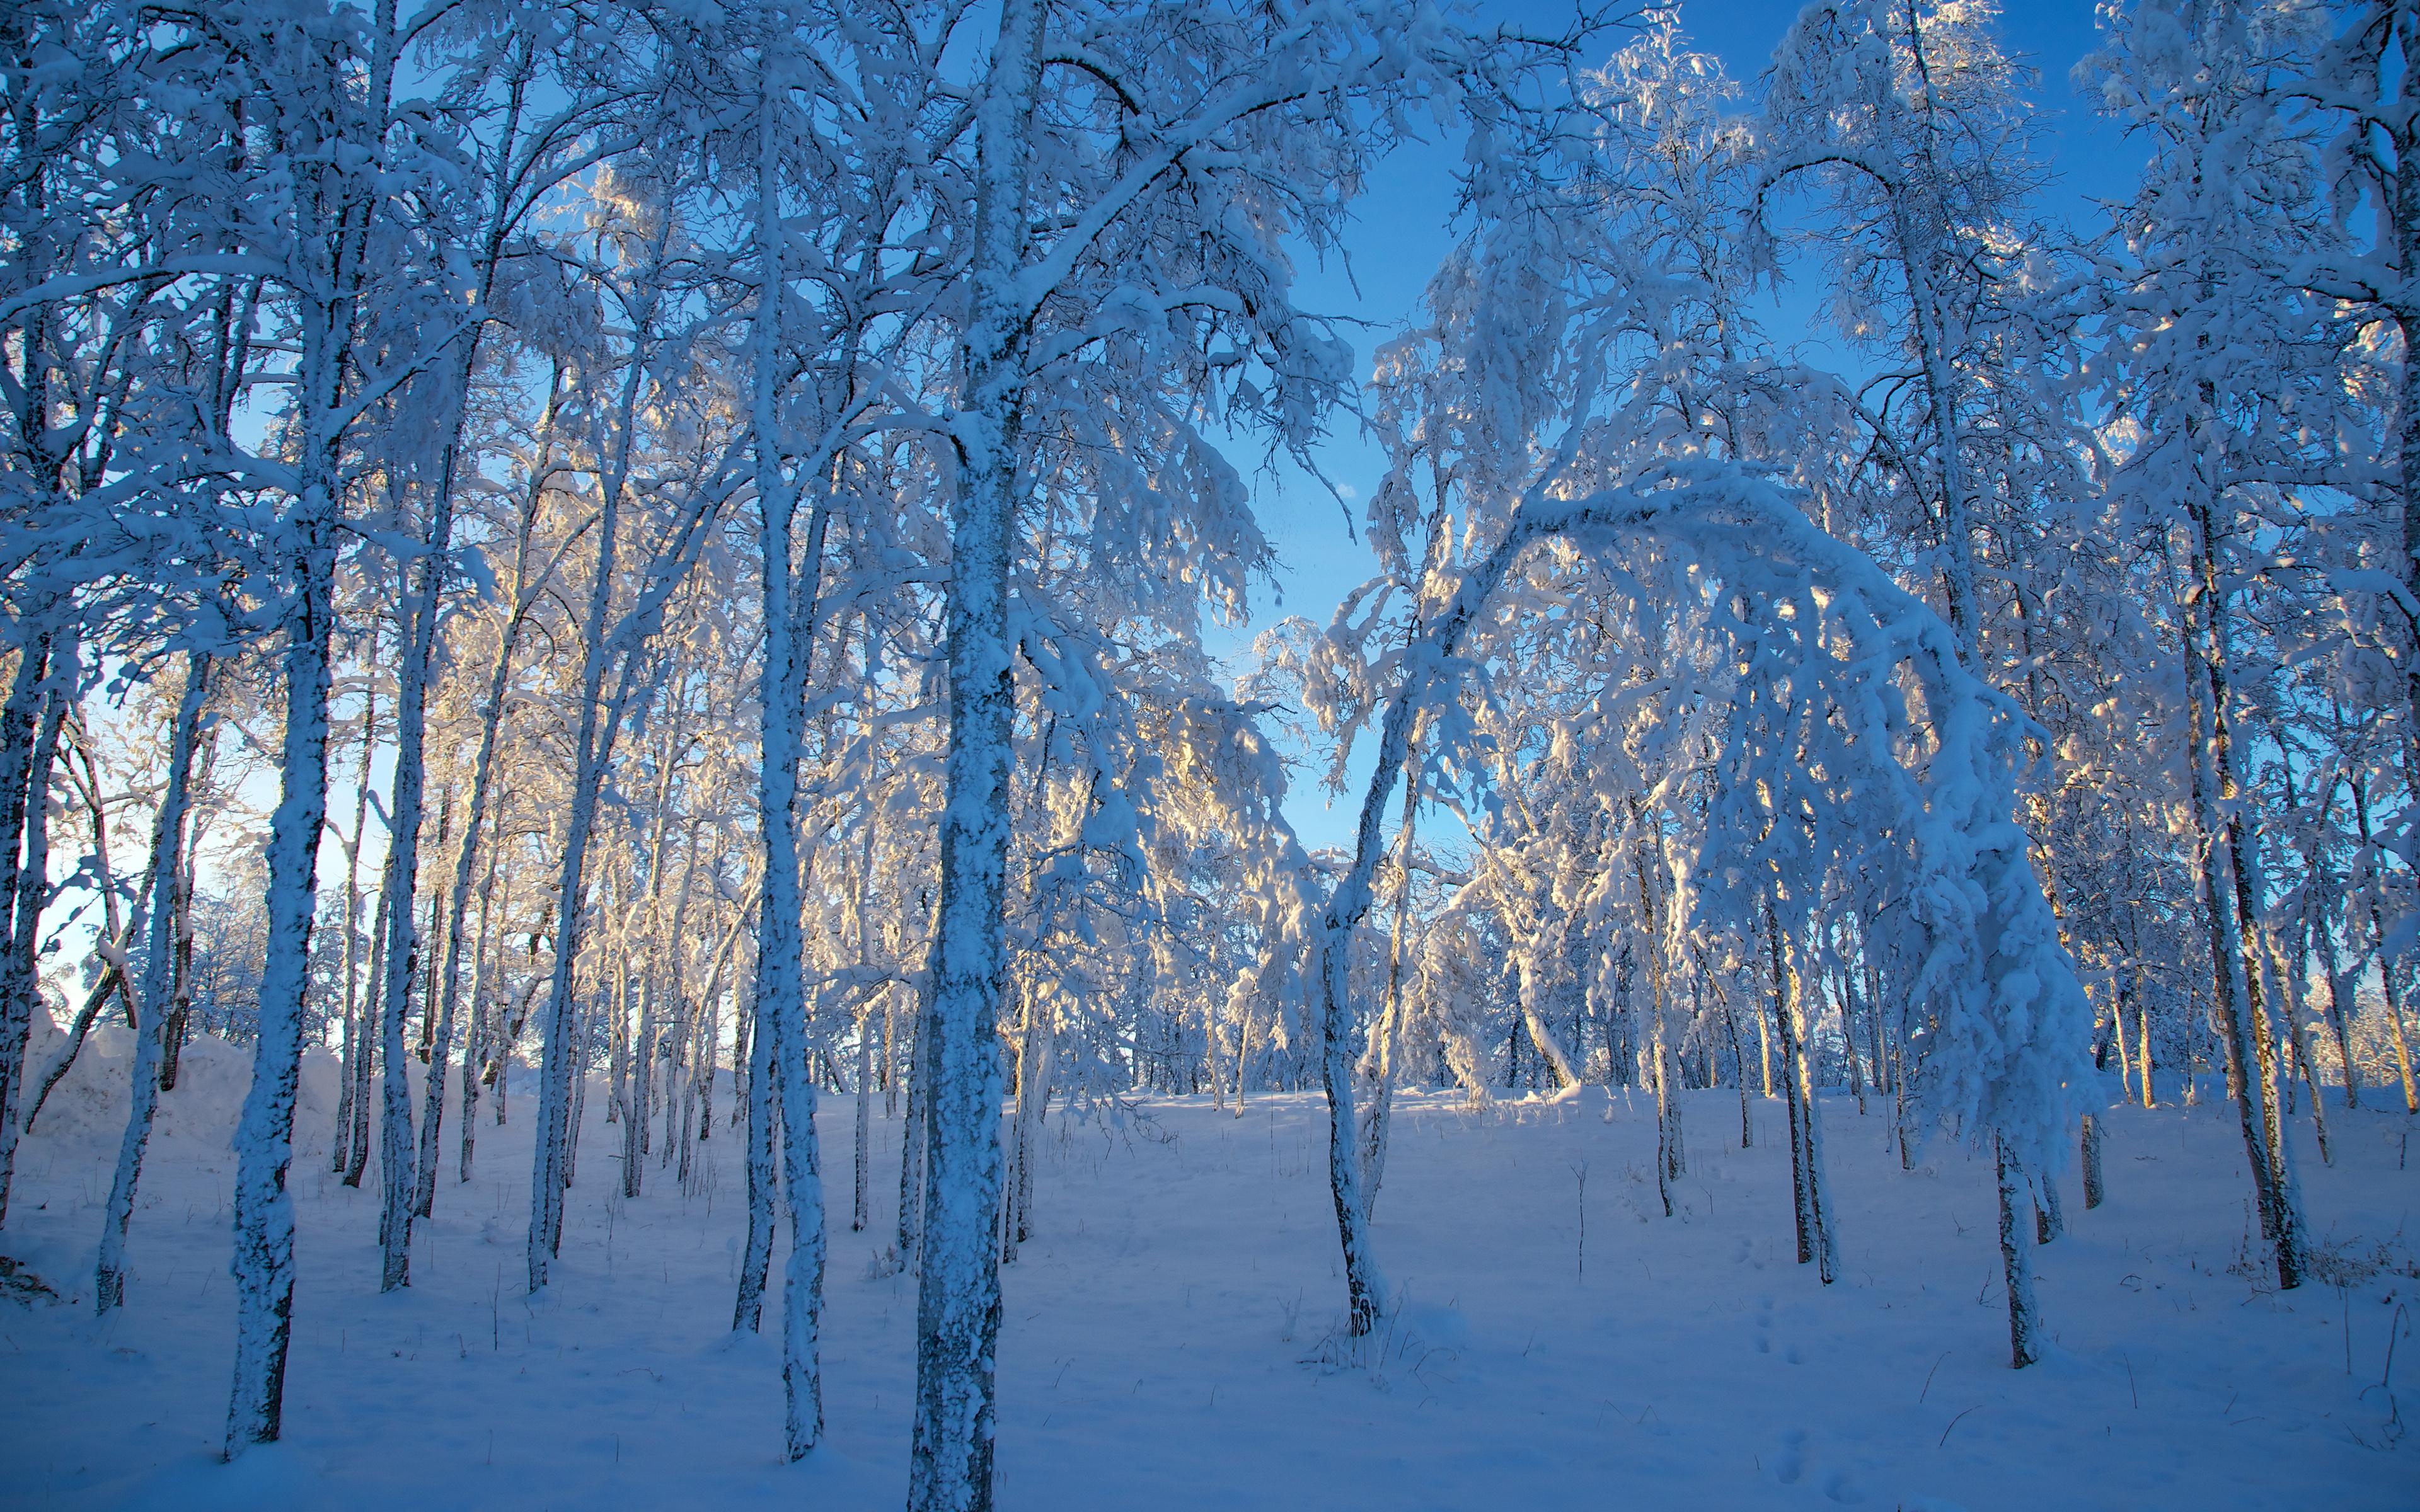 опрелости смотреть картинки зимы на рабочий стол непросто